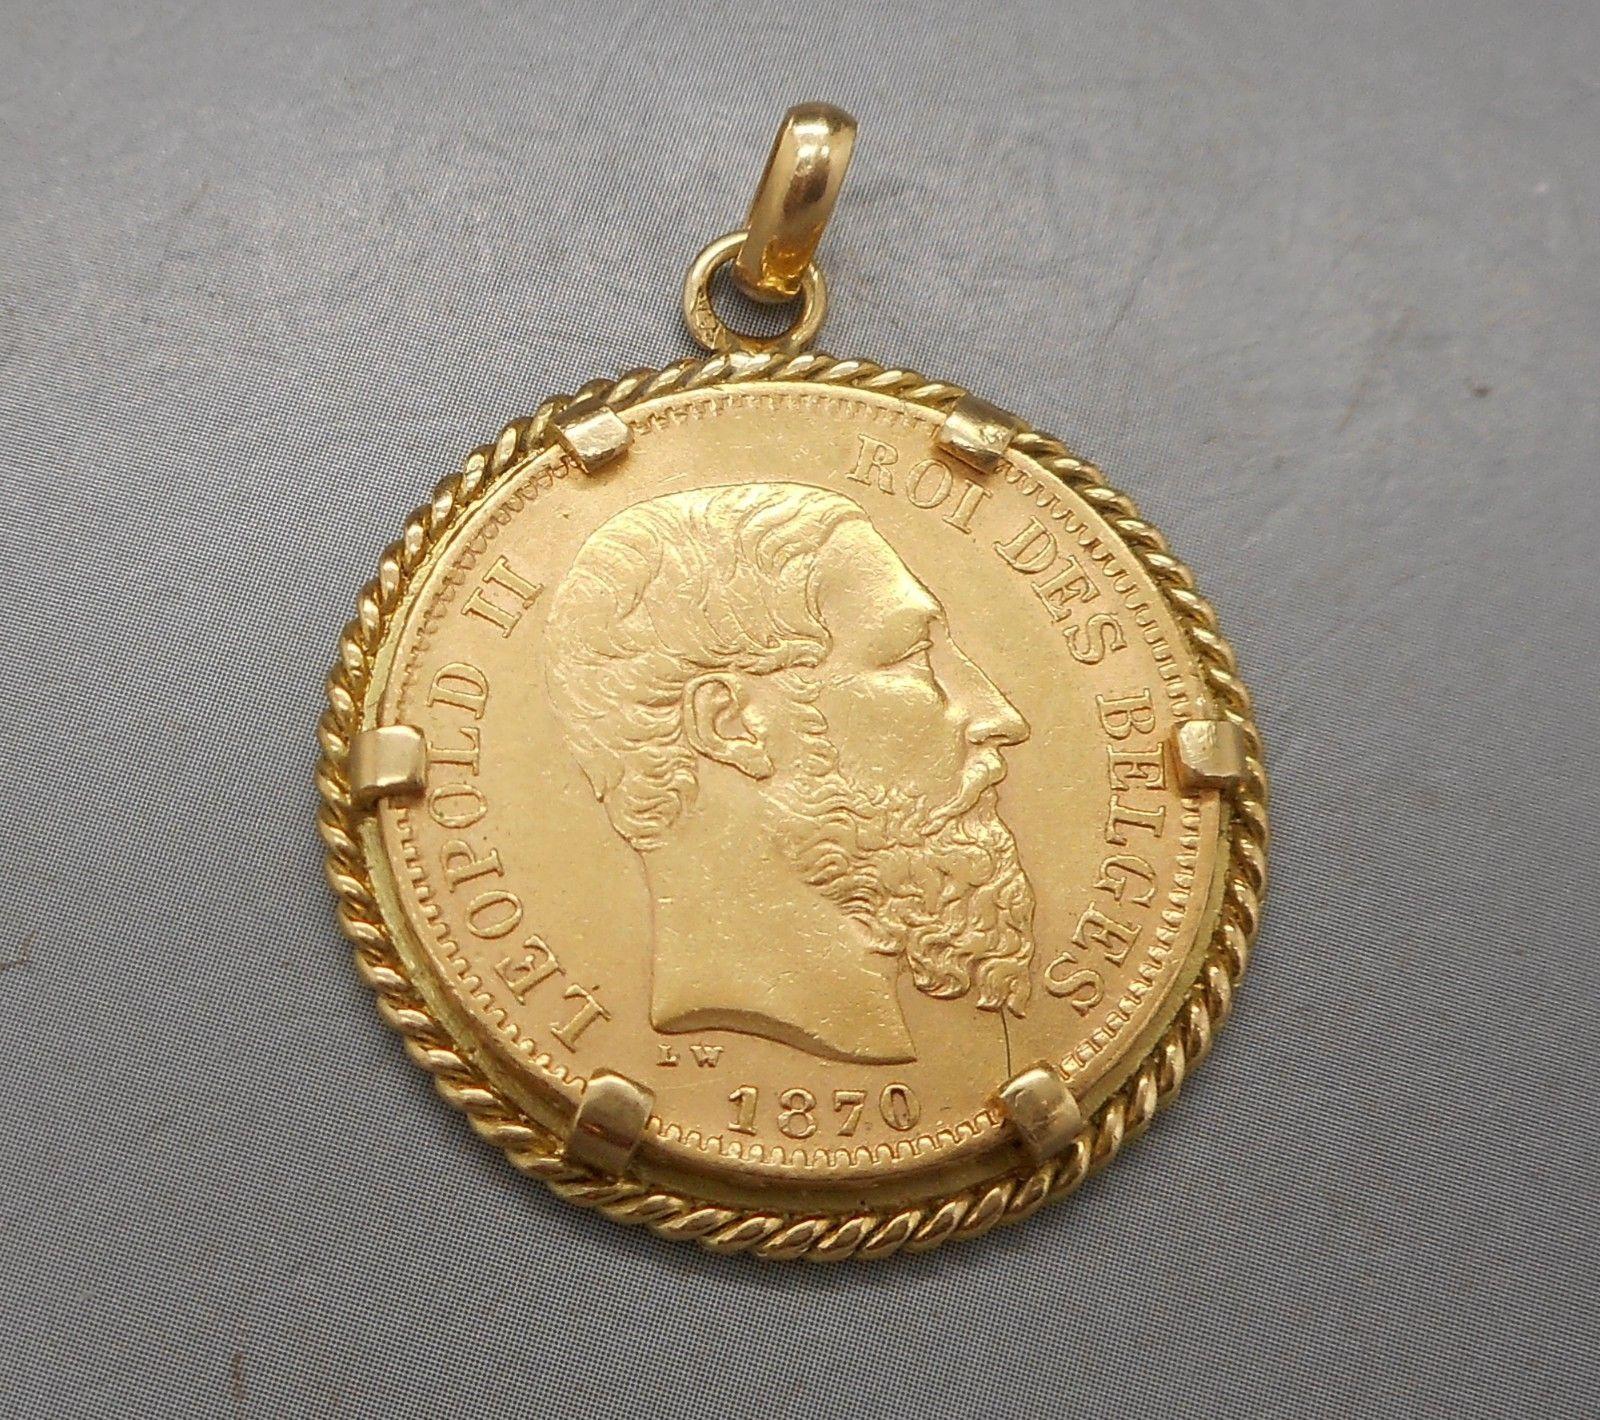 ab86494da7919 ANCIEN PENDENTIF PORTE pièce en or 18 carats et 20 francs Belge - EUR 375,